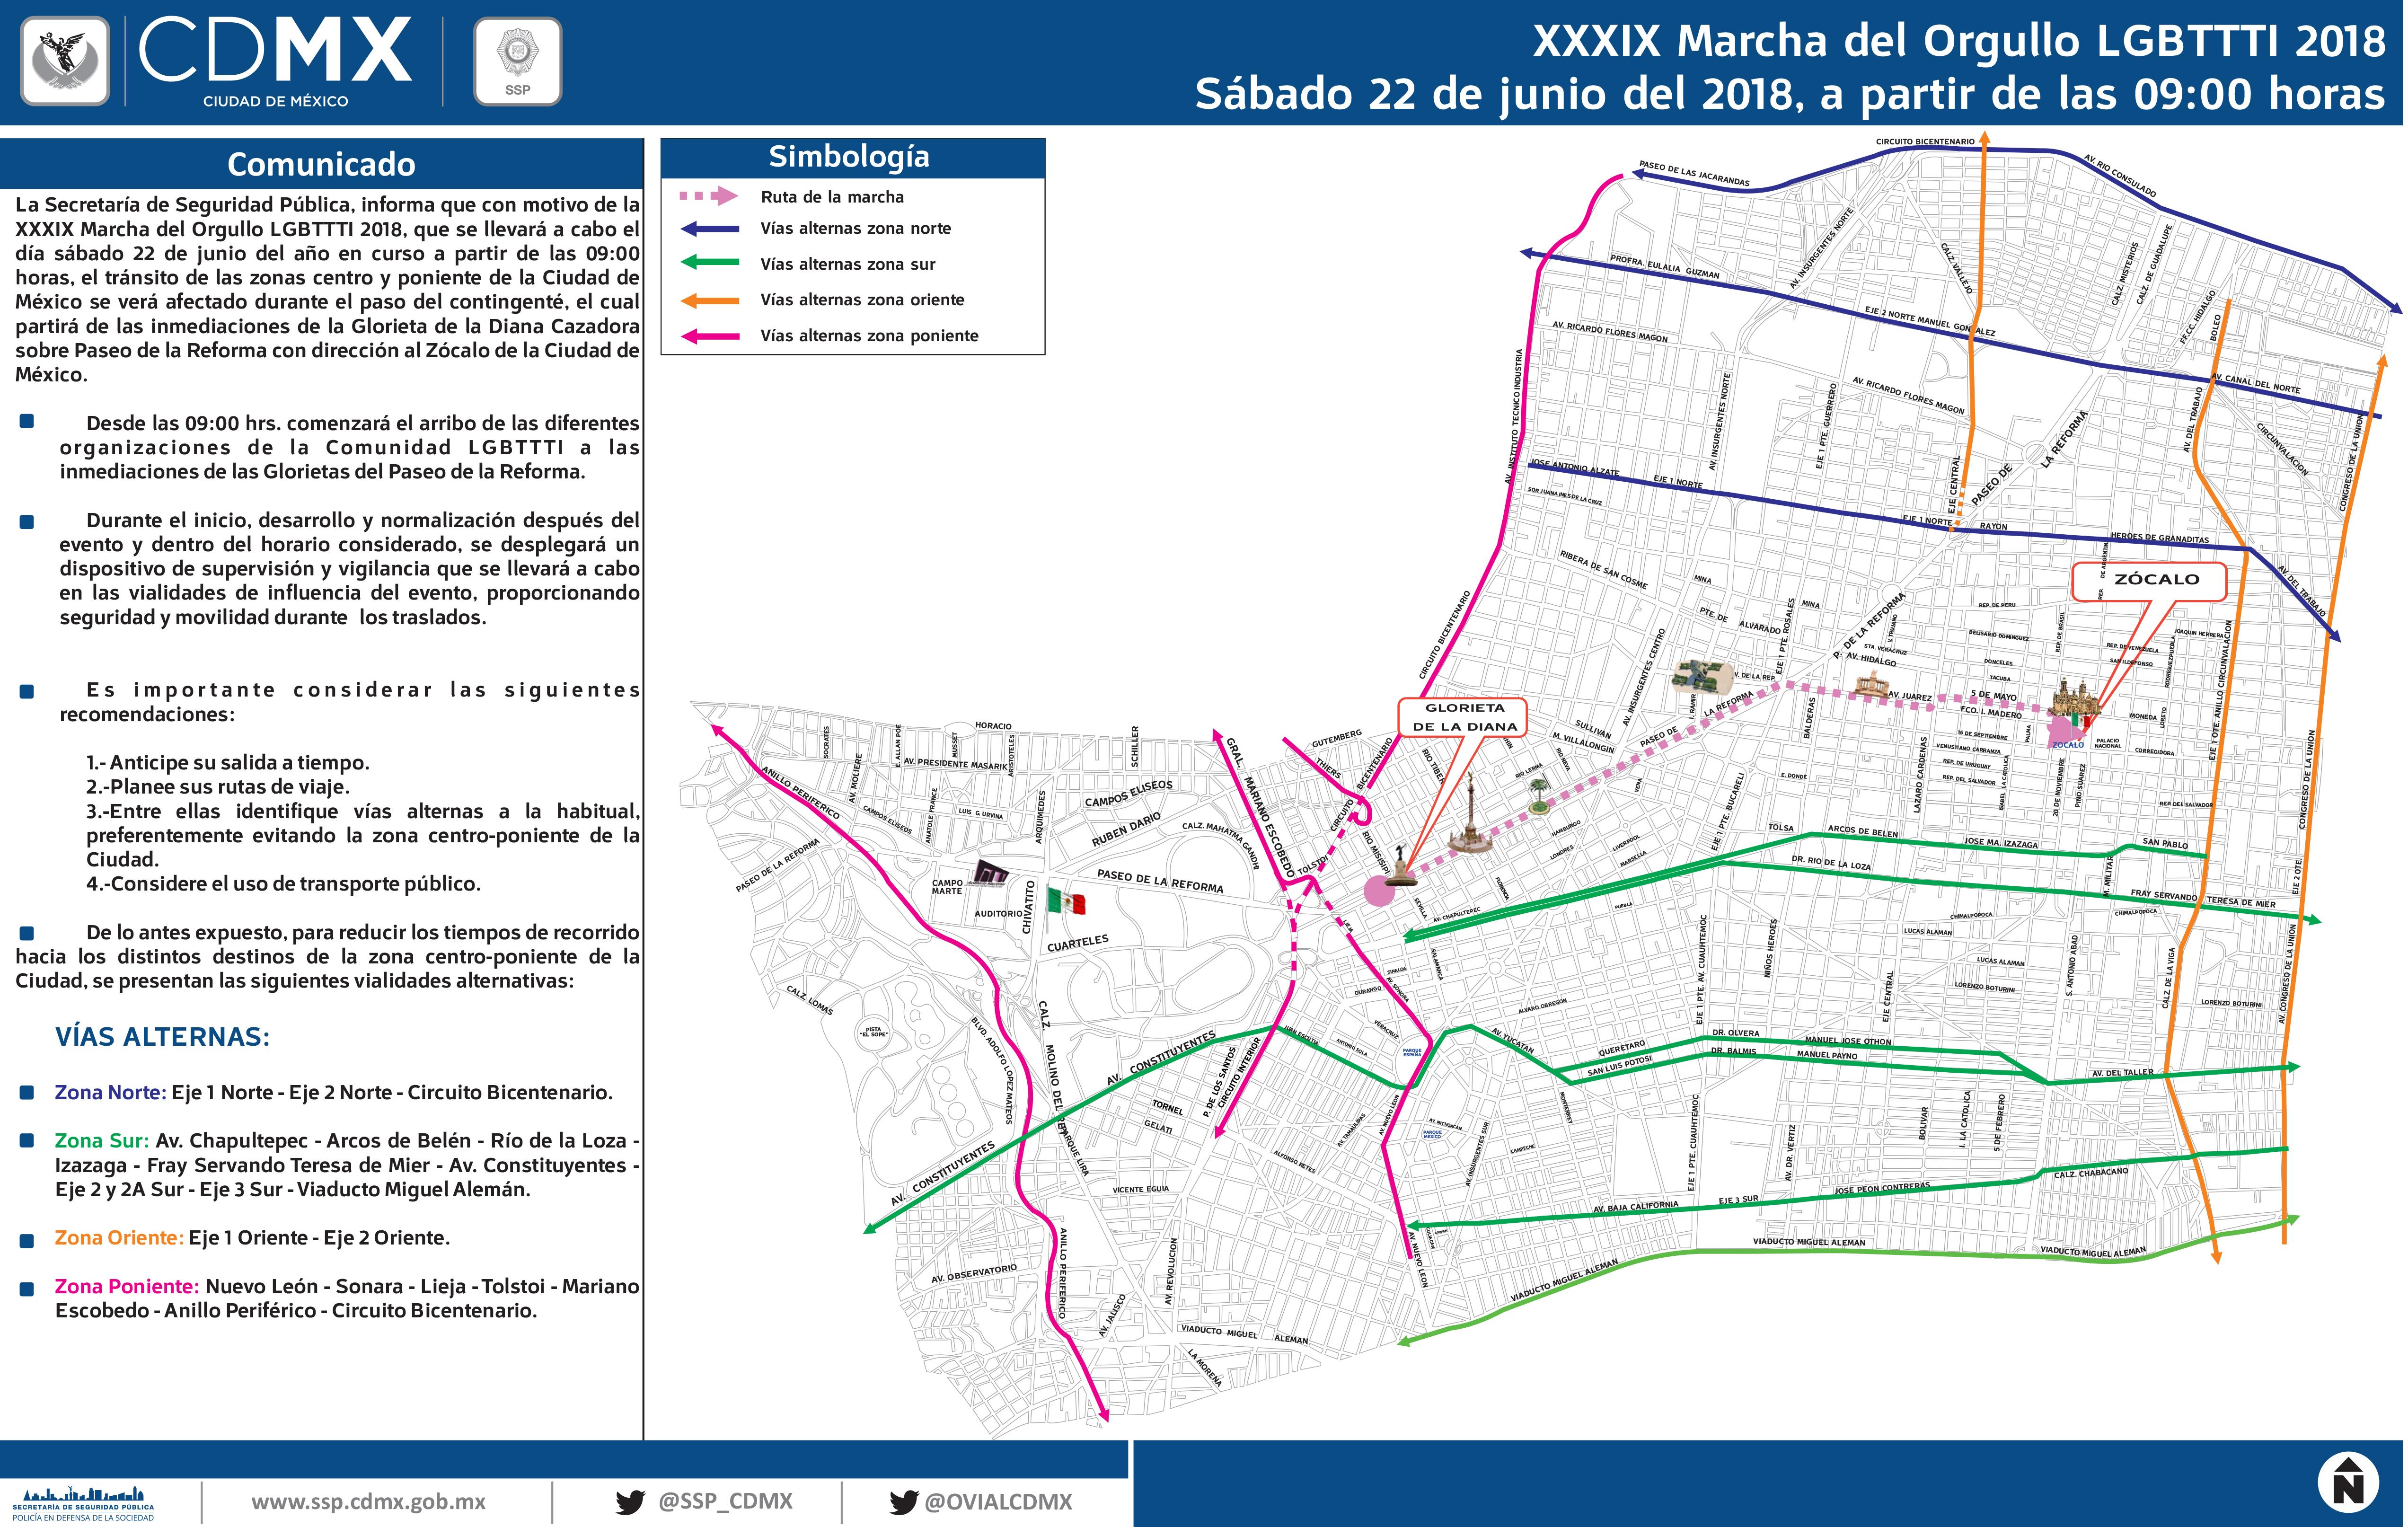 Mapa-(1)